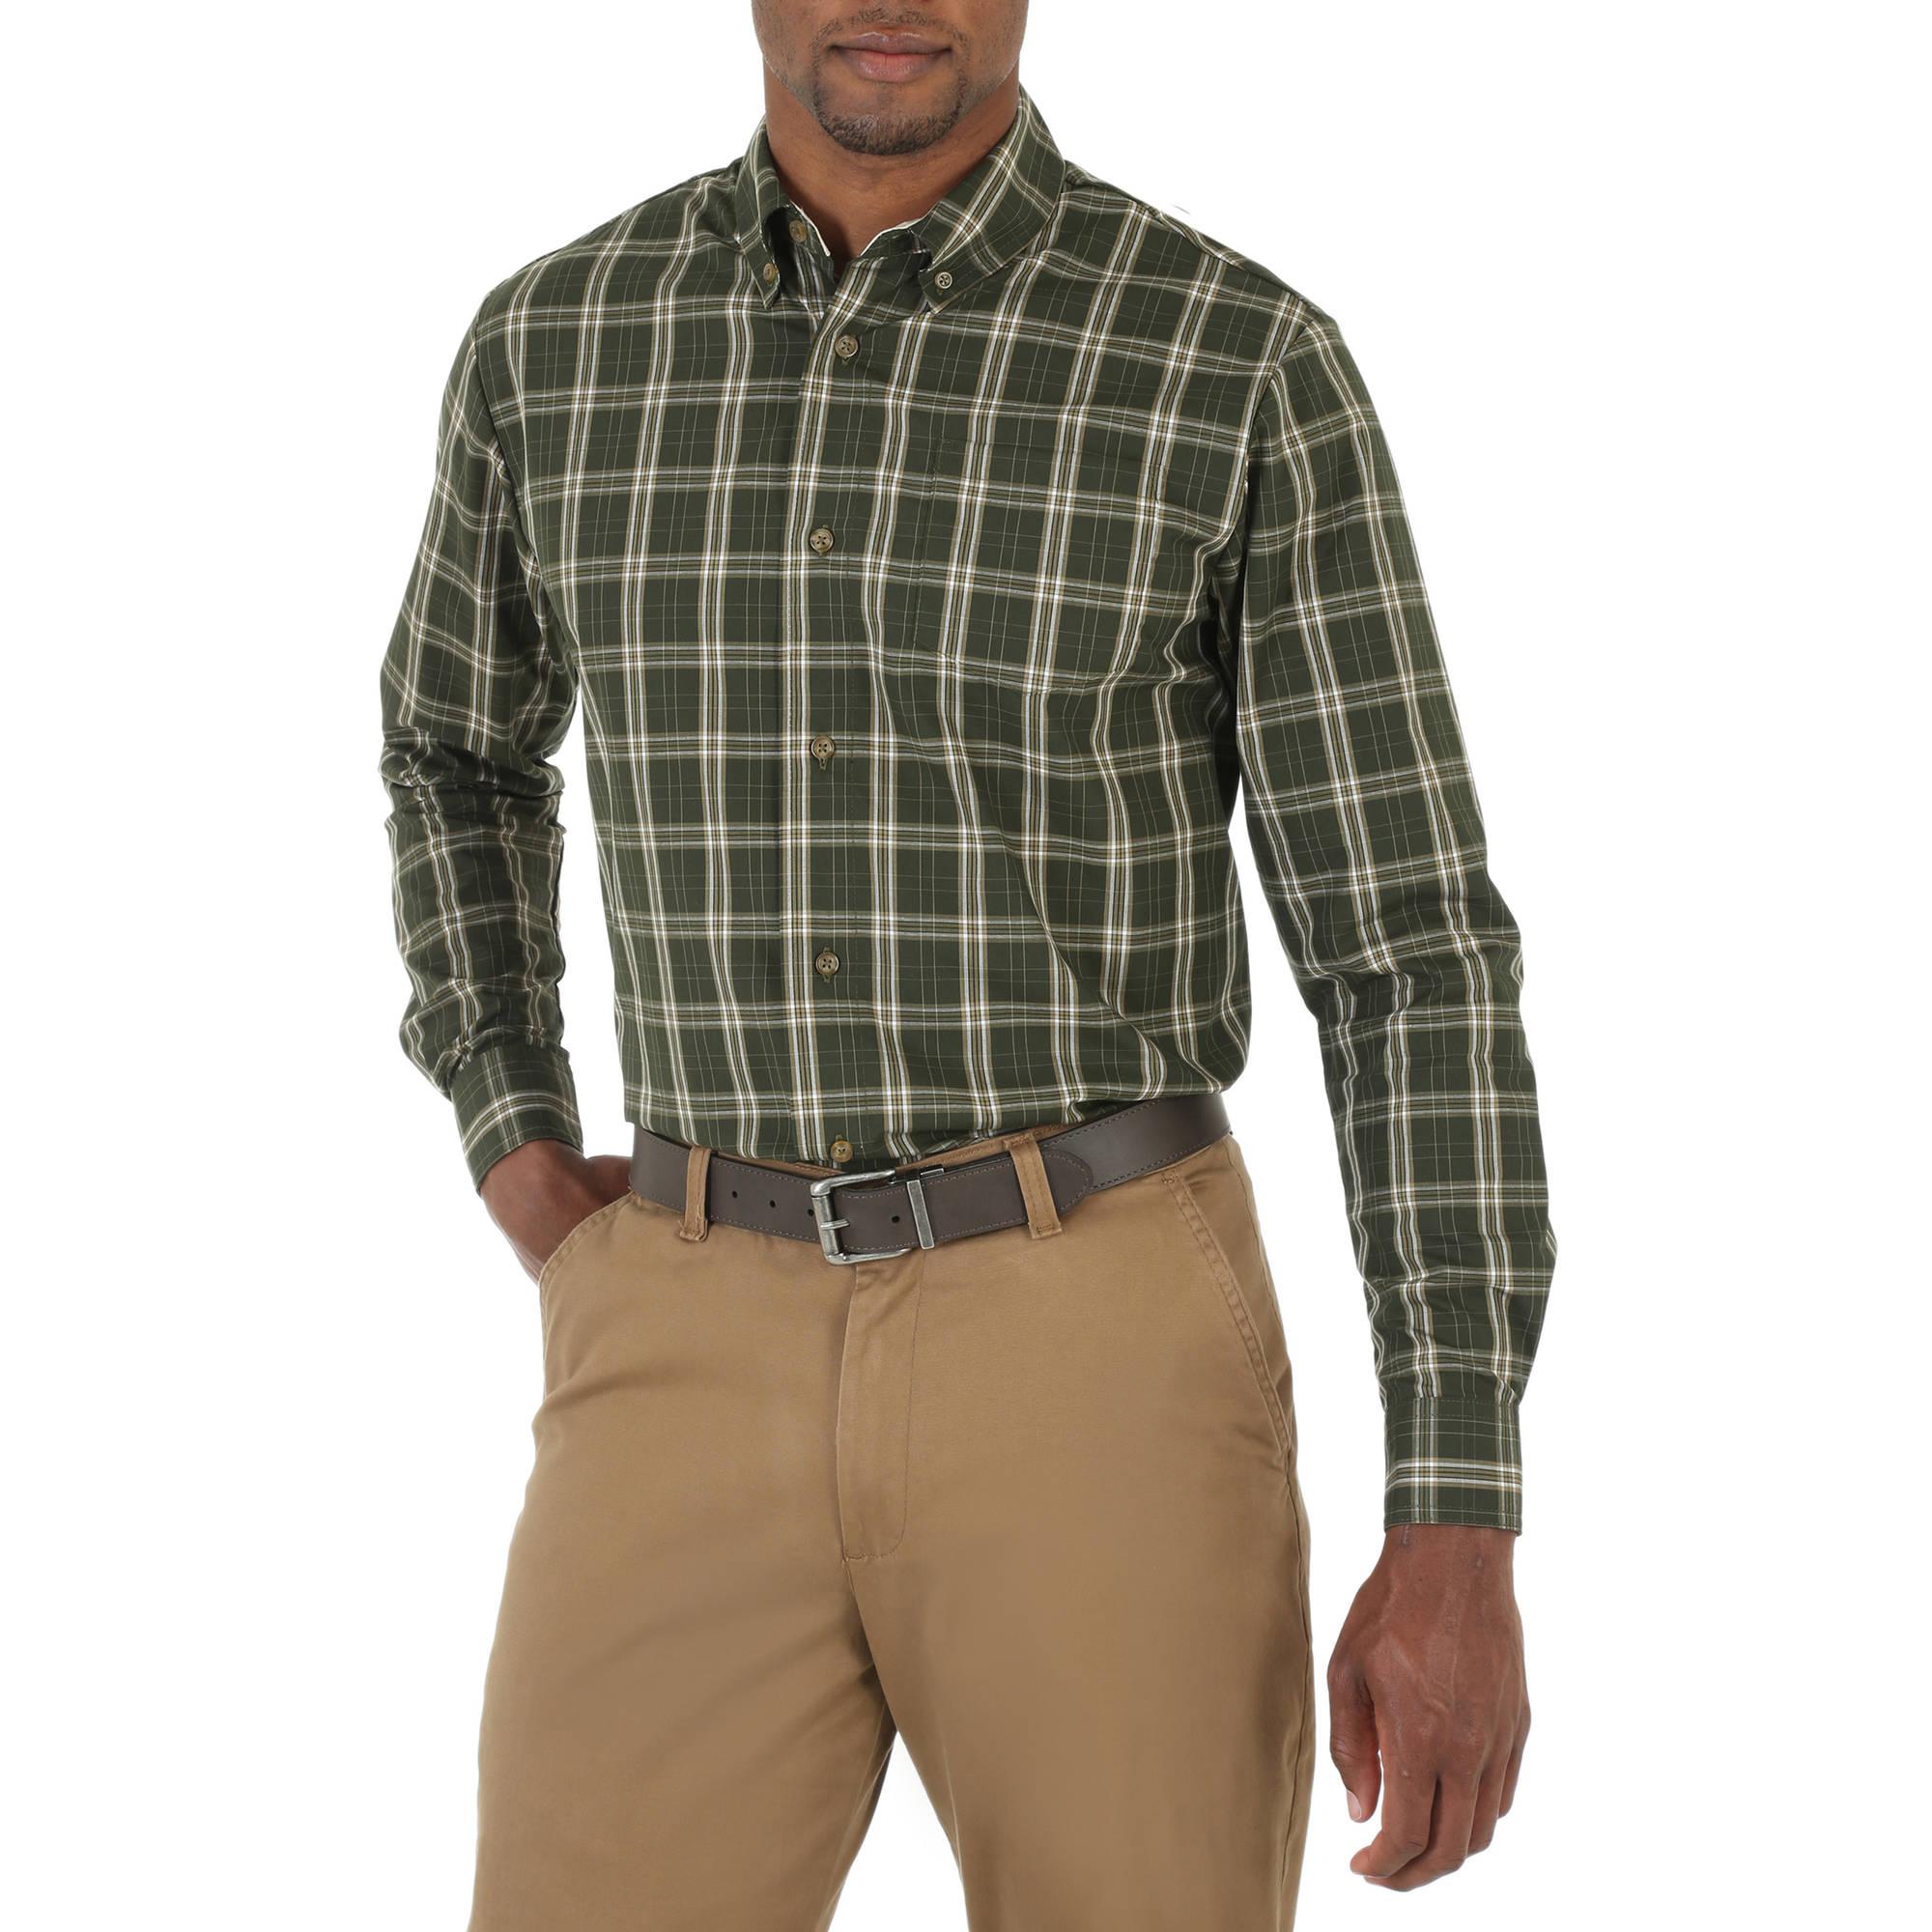 Wrangler Men's Long Sleeve Woven Shirt